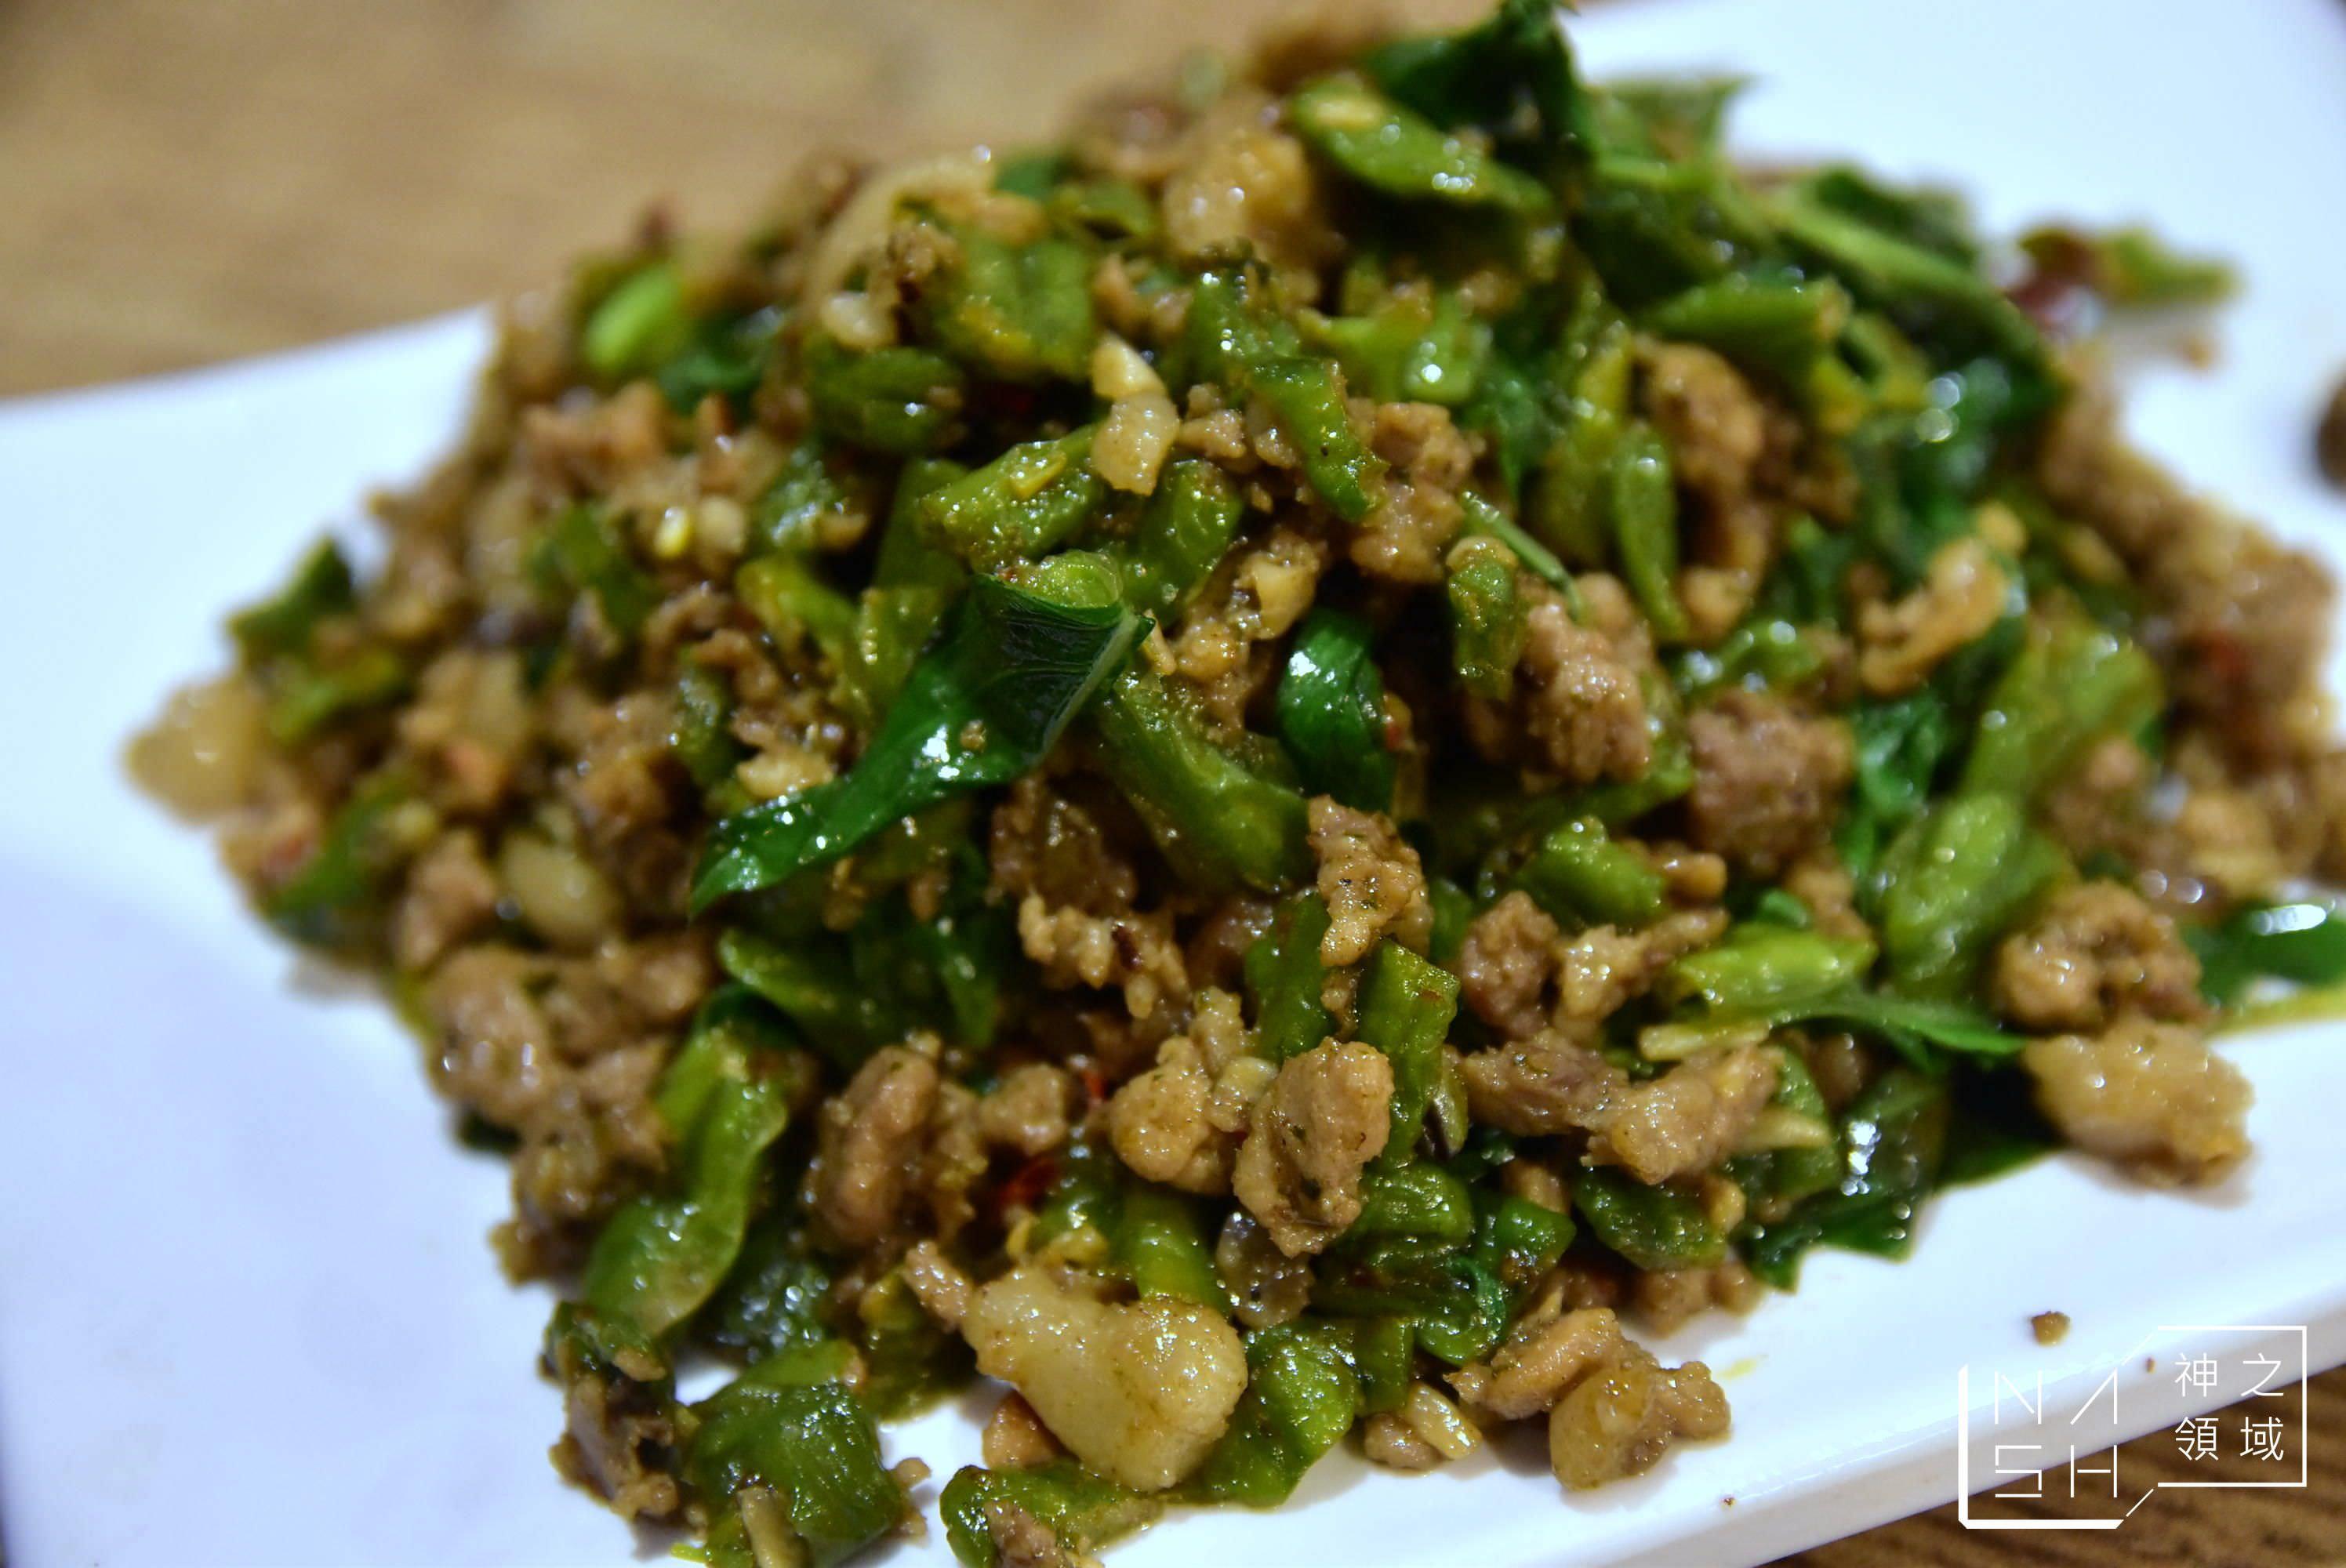 花蓮熱炒,花蓮平價熱炒,花蓮泰式料理 @Nash,神之領域